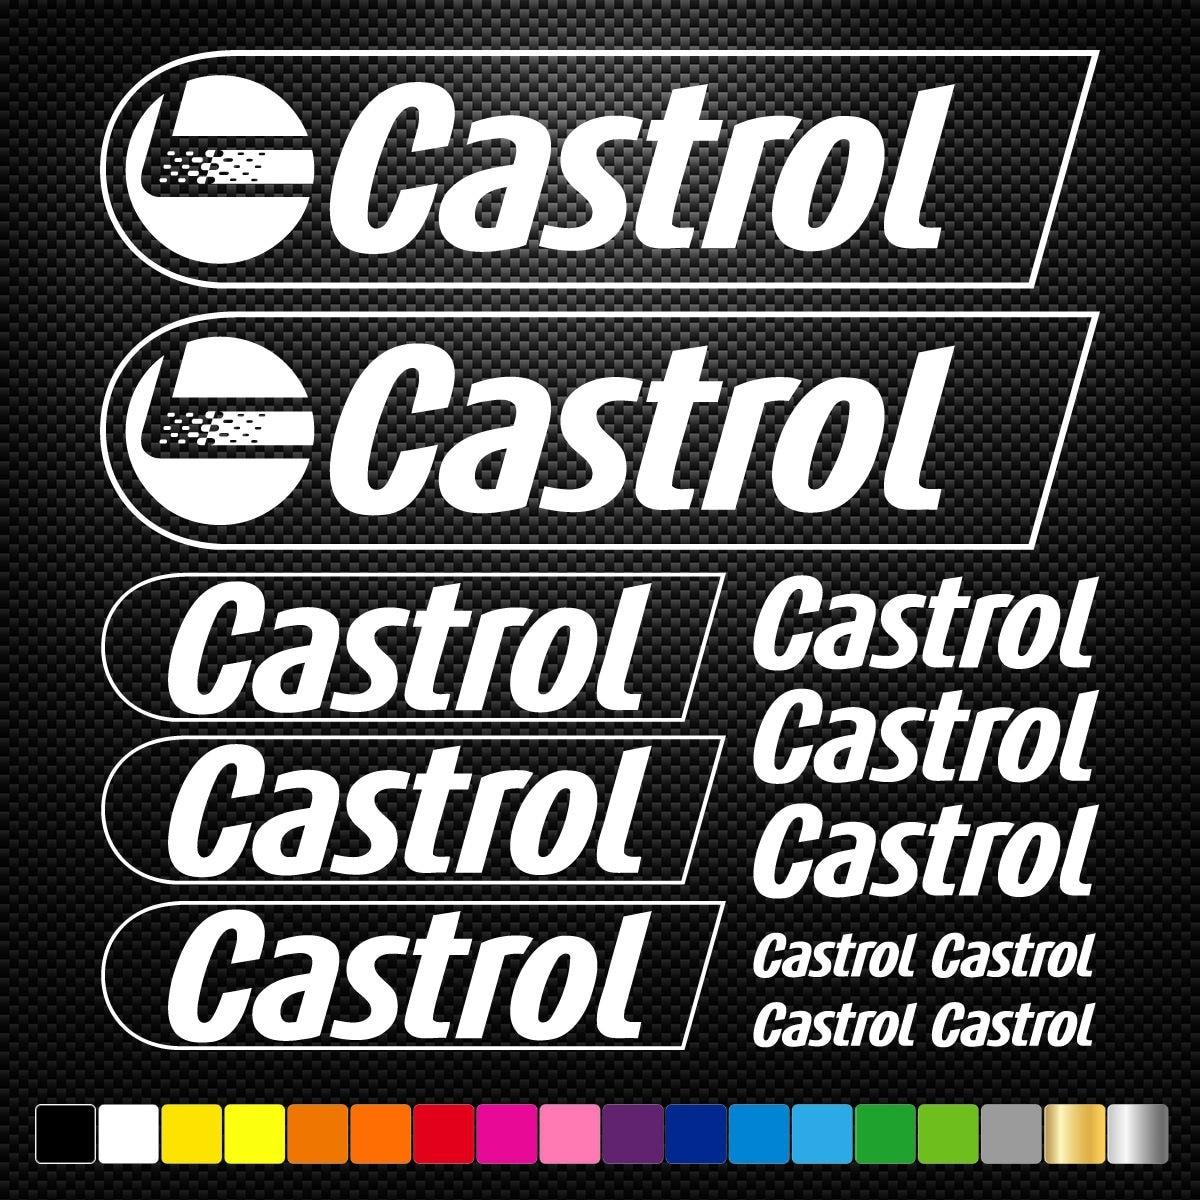 CASTROL 12 Stickers Autocollants Adhésifs Auto Moto Voiture Sponsor Marques